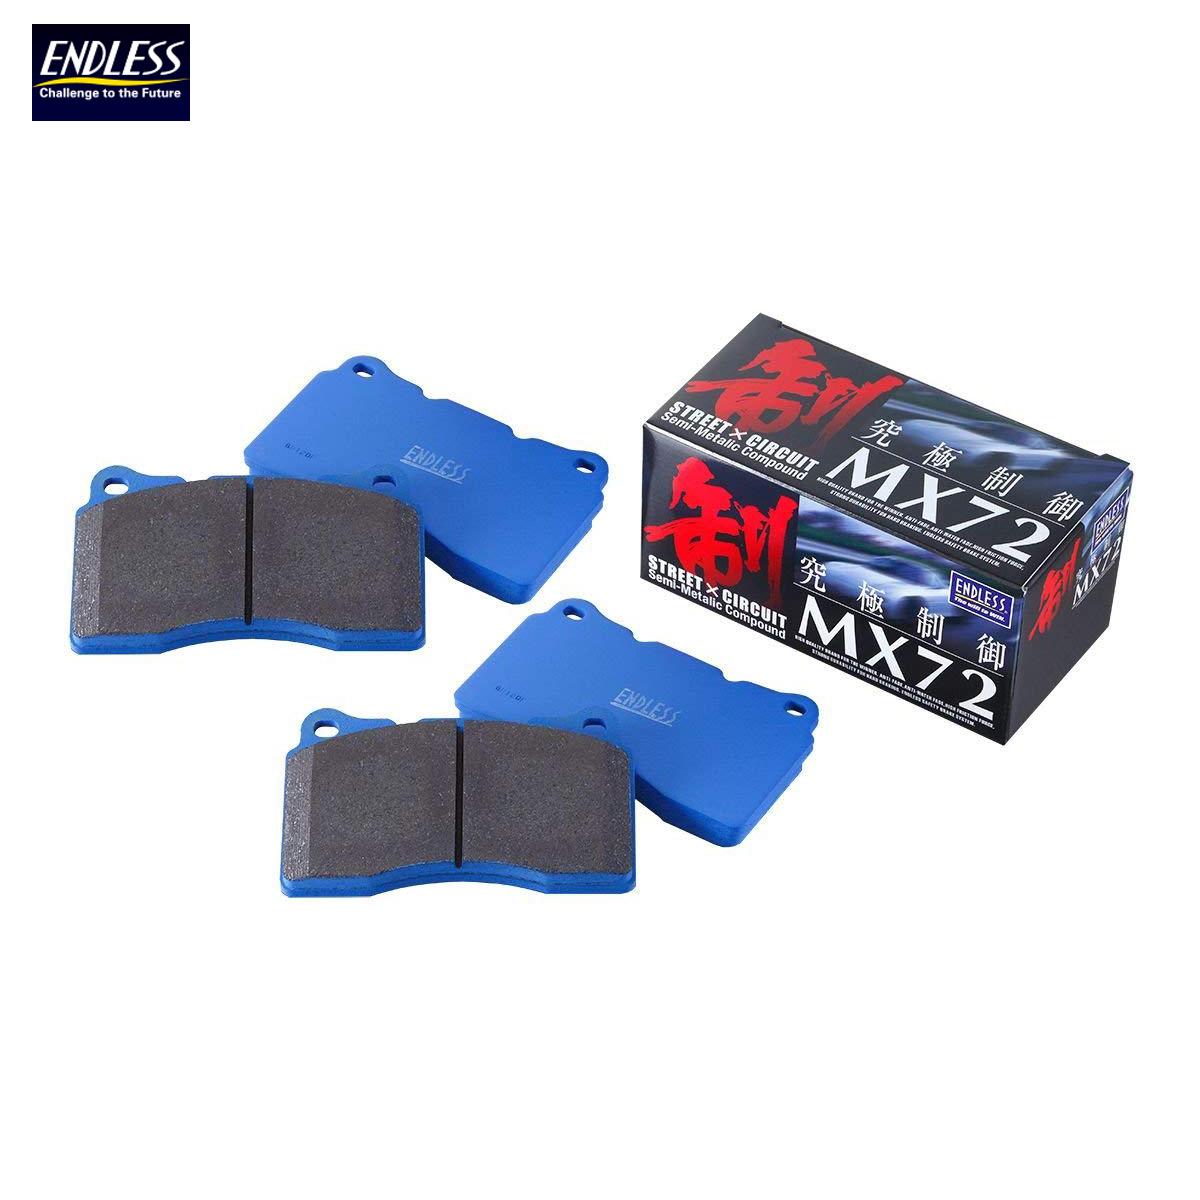 ENDLESS エンドレス ブレーキパッド MX72セット フロント EP403 リア EP385 アルファード MNH10W 15W ANH10W 15W